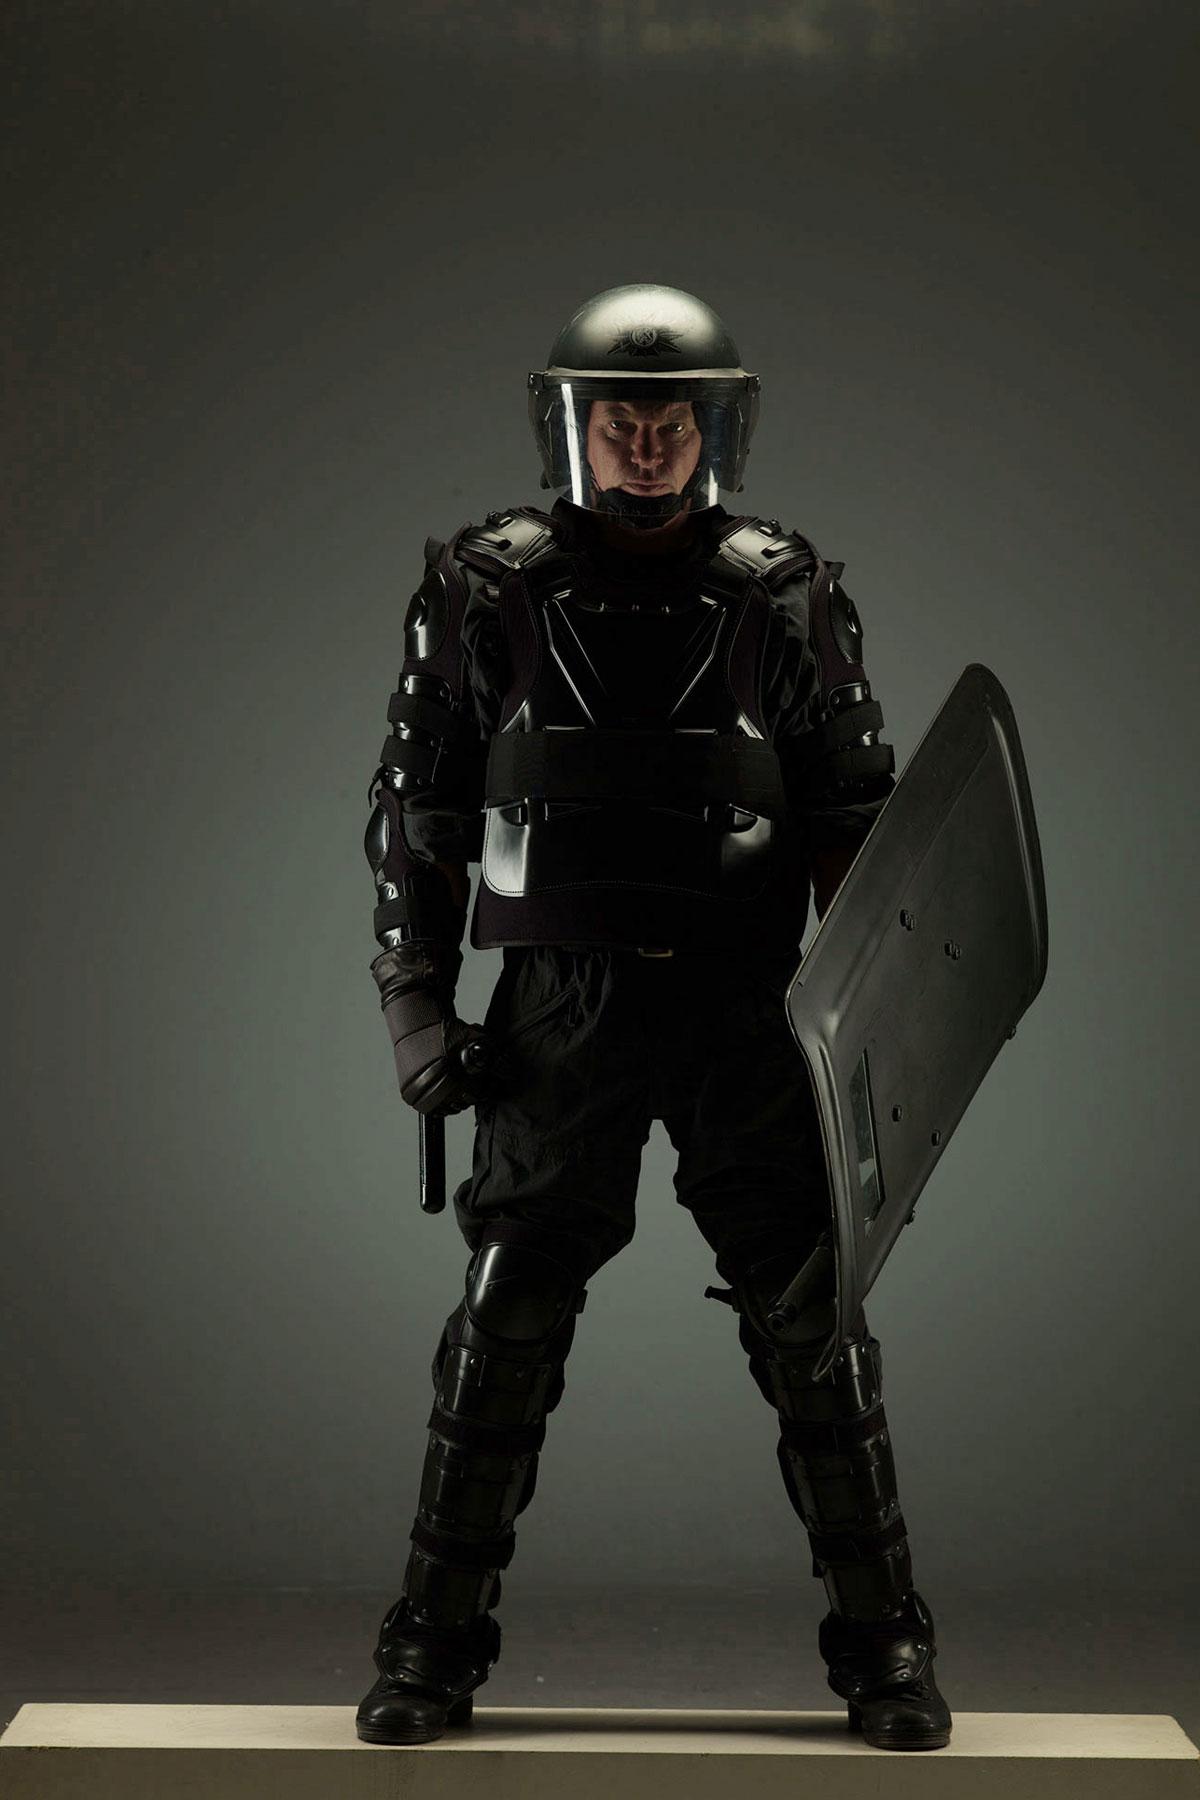 Ein Polizist steht in voller Uniform und schaut in die Kamera.